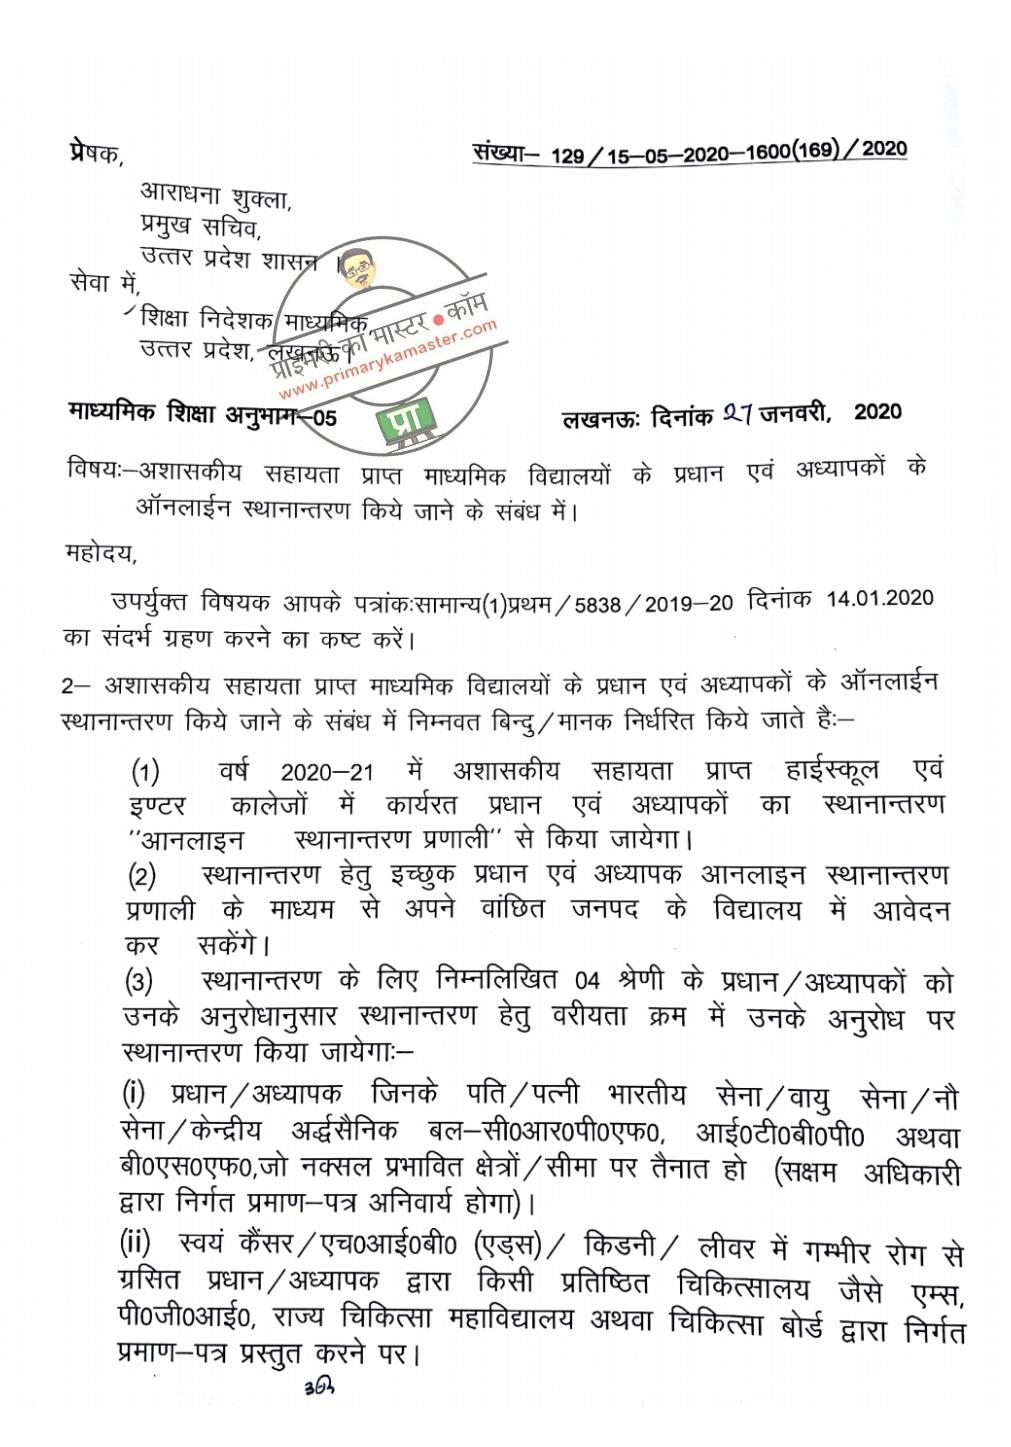 अशासकीय सहायता प्राप्त माध्यमिक विद्यालयों के प्रधान एवं अध्यापकों के ऑनलाइन स्थानांतरण के सम्बन्ध में आदेश जारी